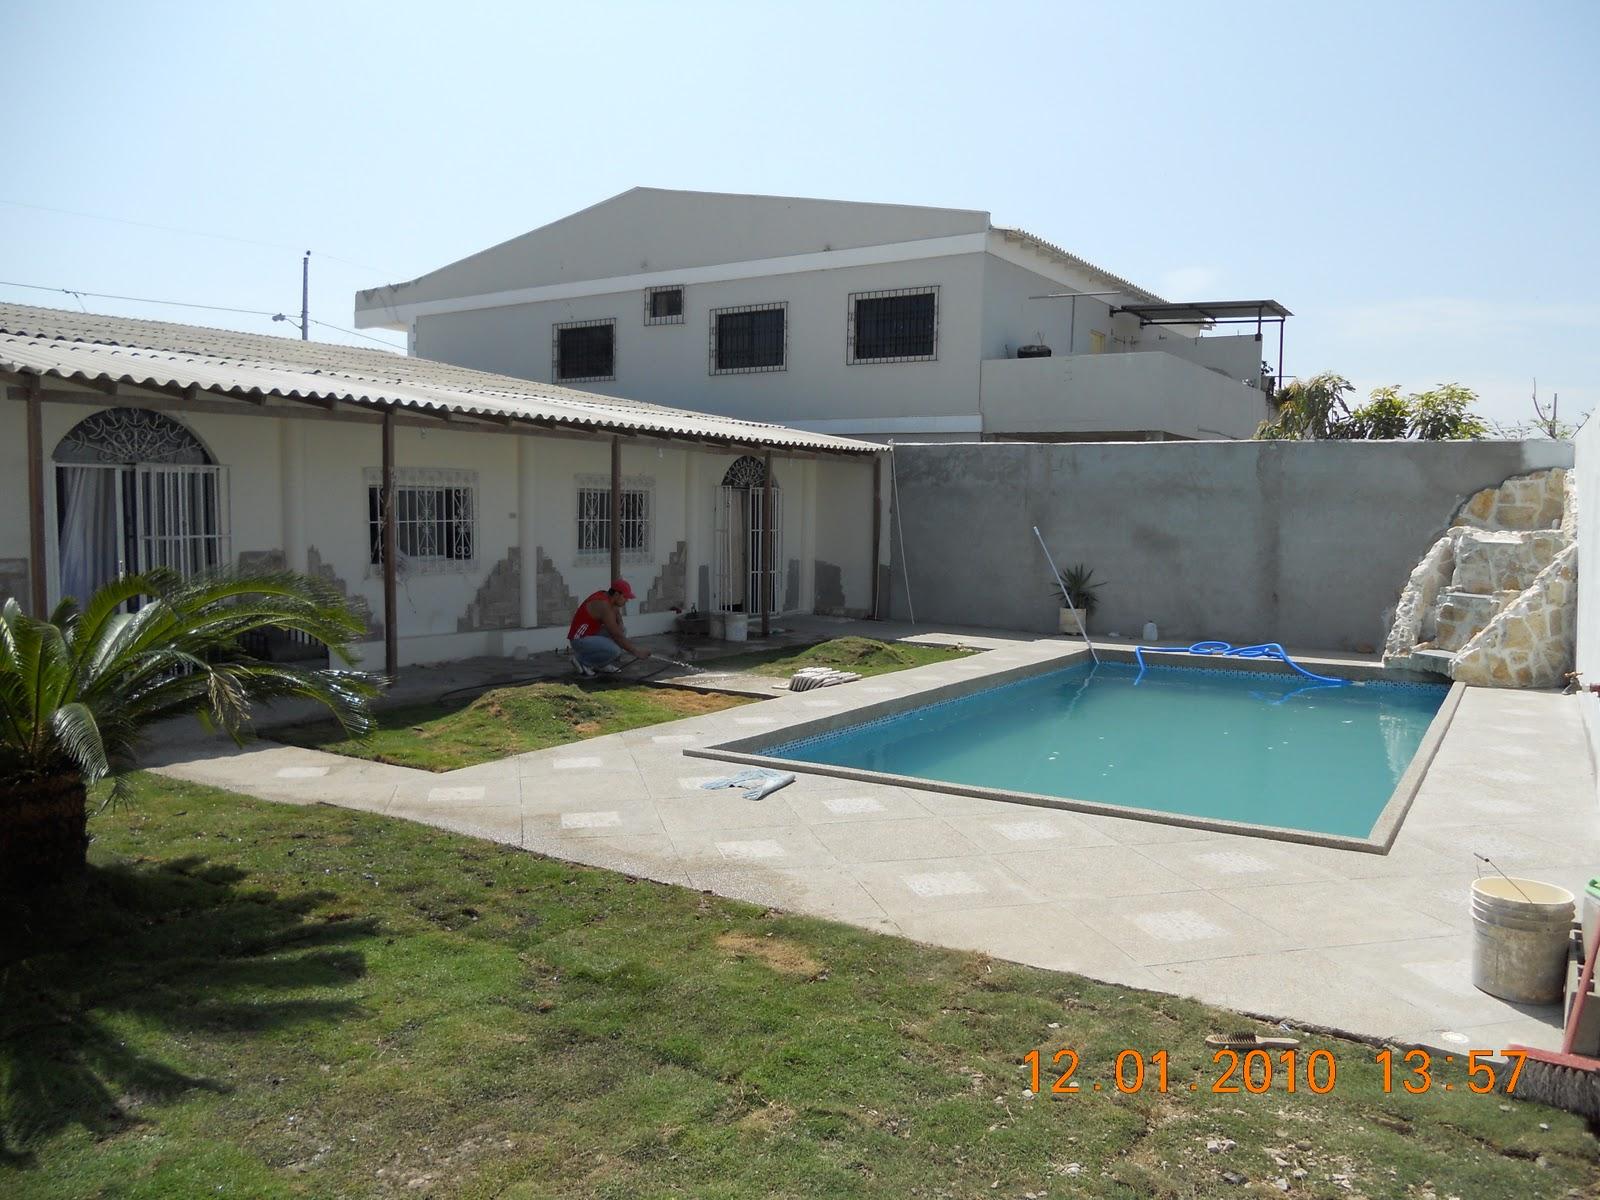 Casas de alquiler salinas casa 6 habitaciones con piscina for Alquiler de piscinas